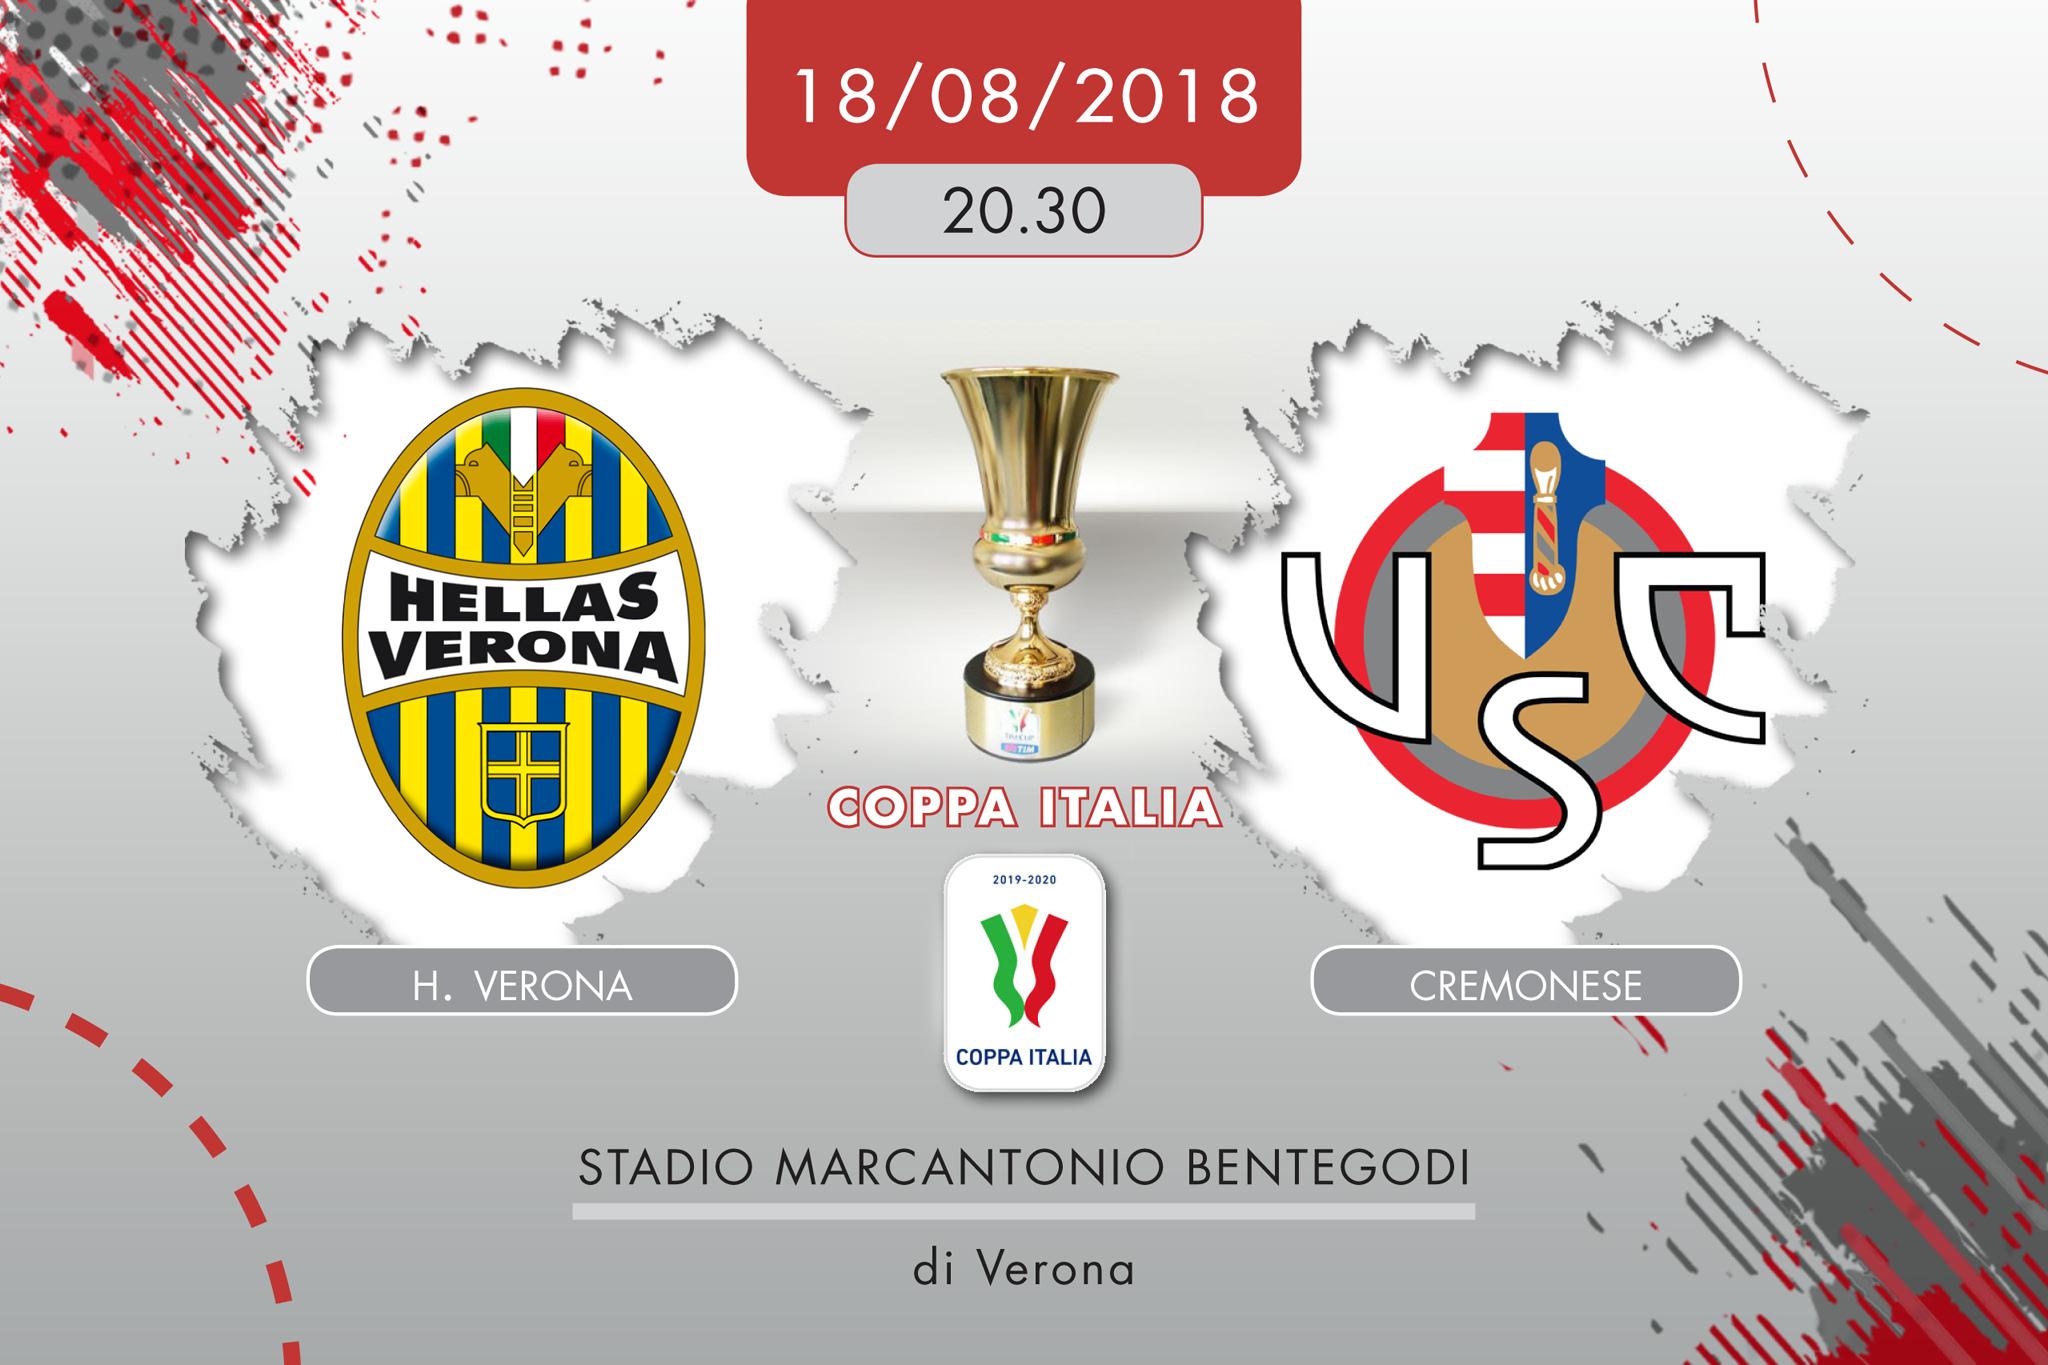 Hellas Verona-Cremonese, tabellino e cronaca